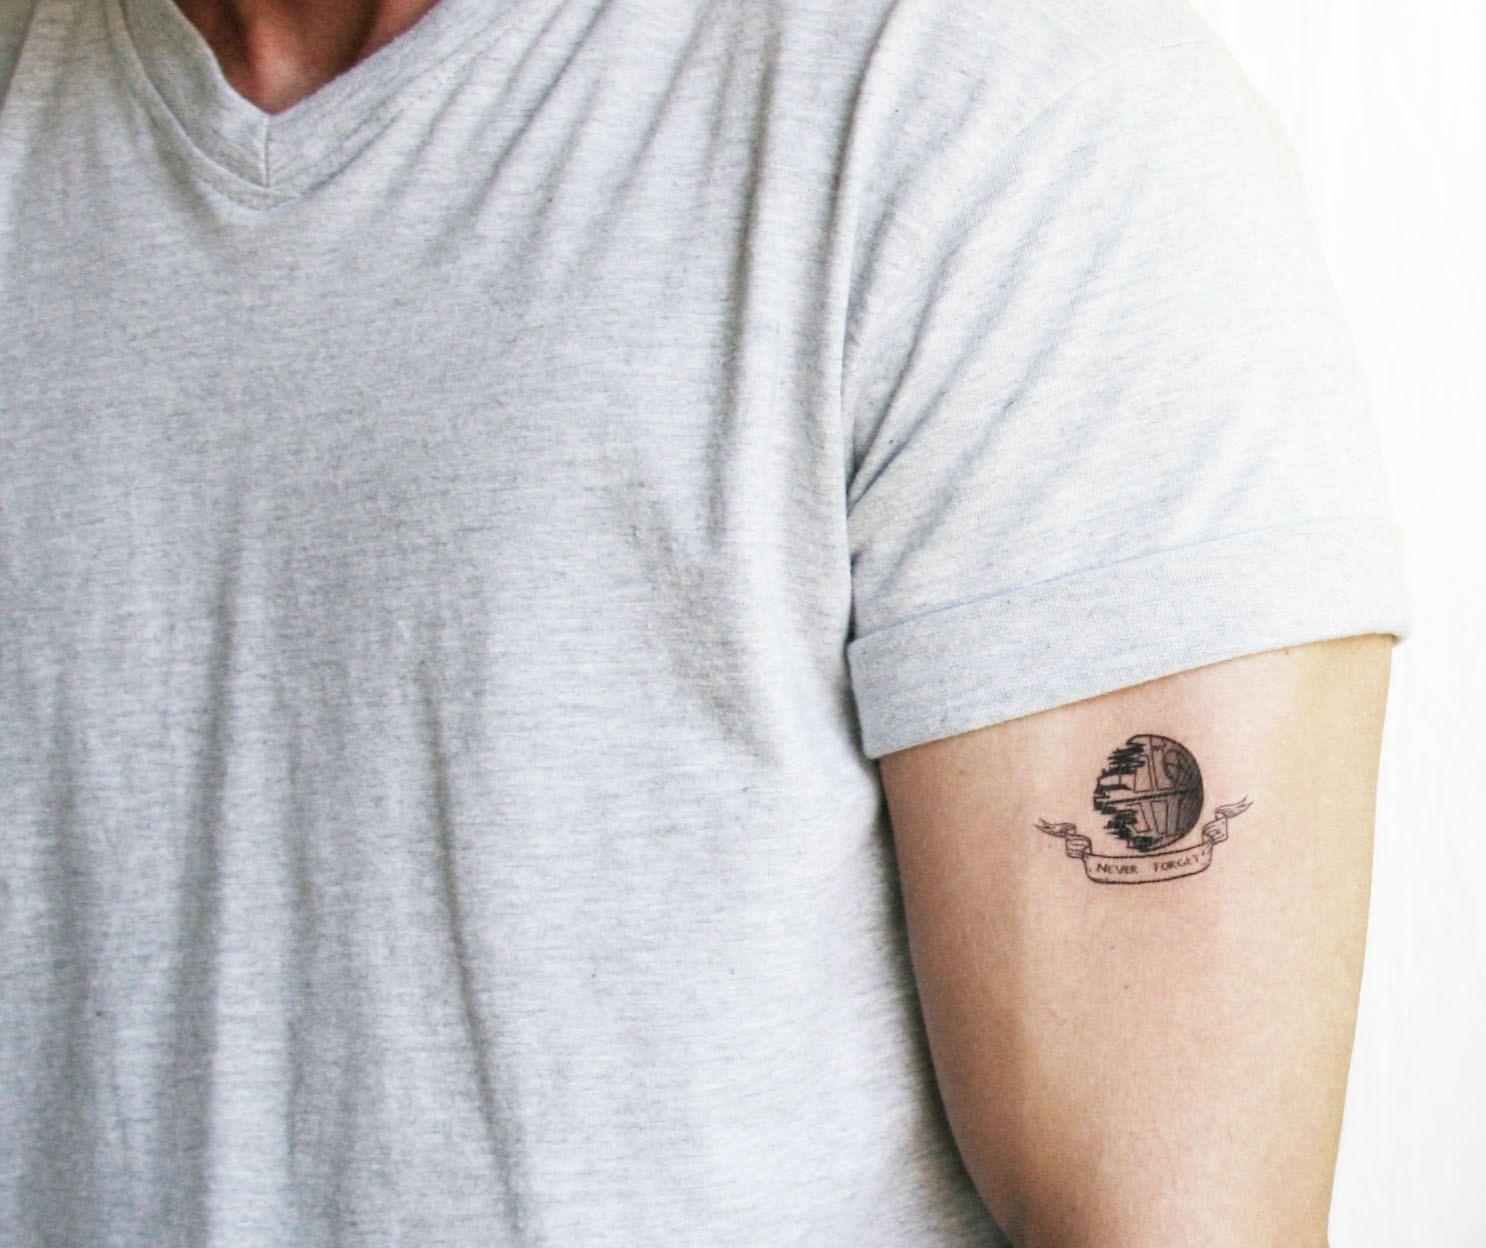 Death Star Tattoo Small: Minimalist Star Wars Tattoos - Google Search